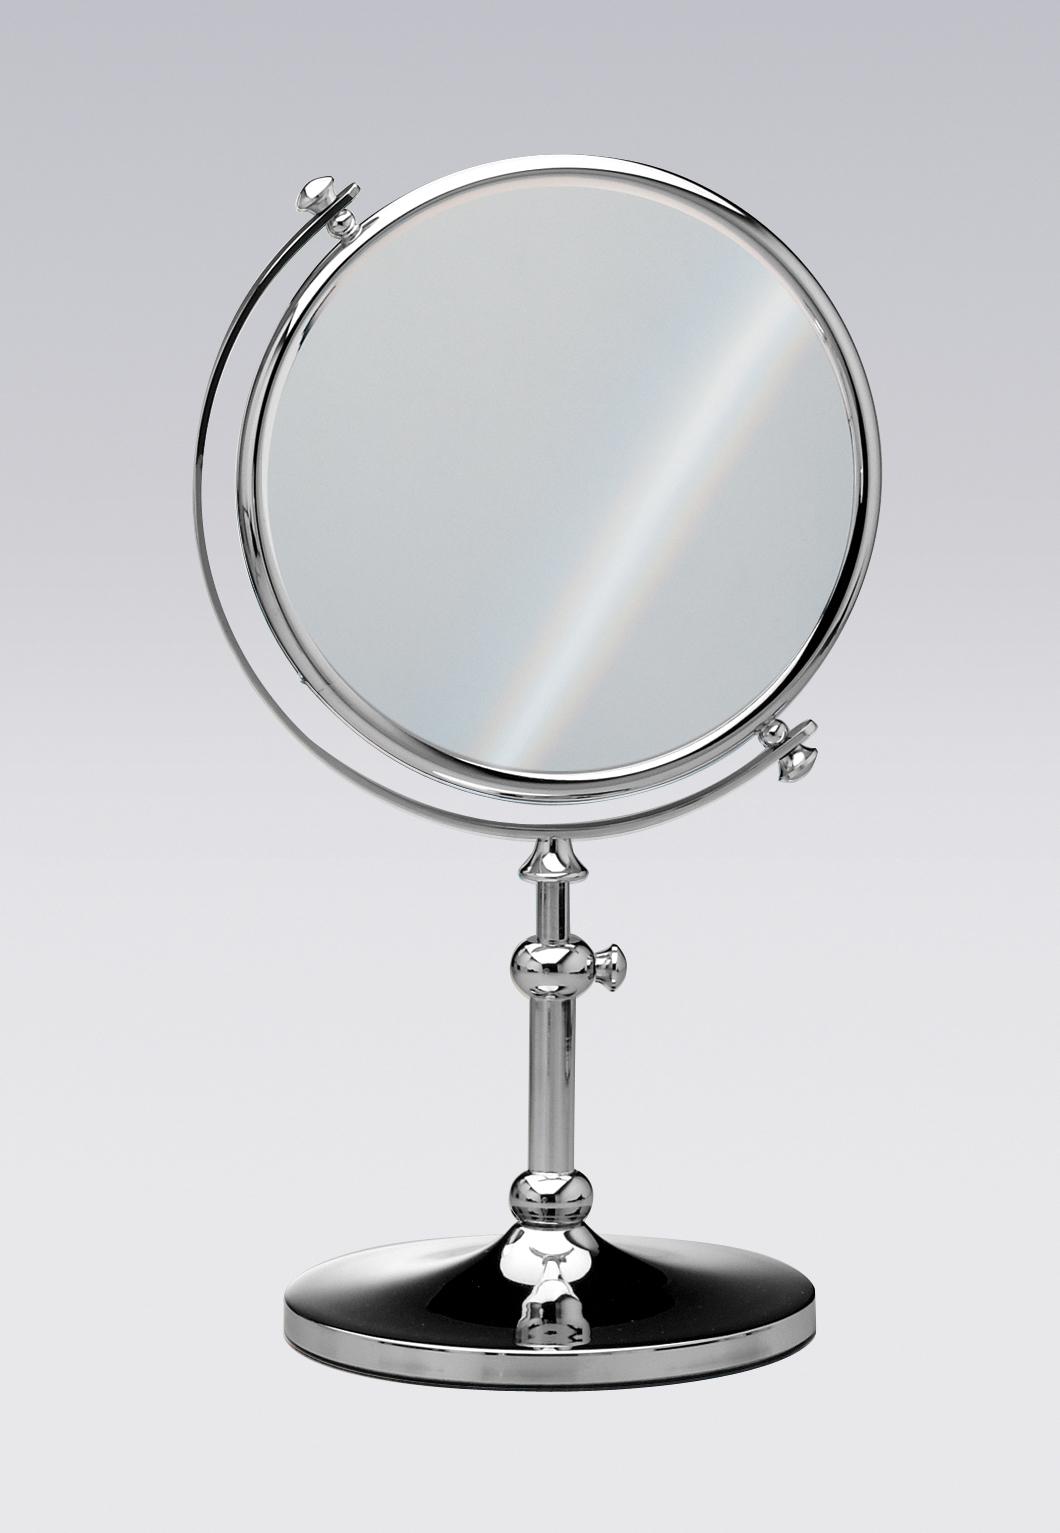 Зеркала Зеркало косметическое Windisch 99111CR 3X elitnoe-zerkalo-kosmeticheskoe-99111-ot-windisch-ispaniya.jpg